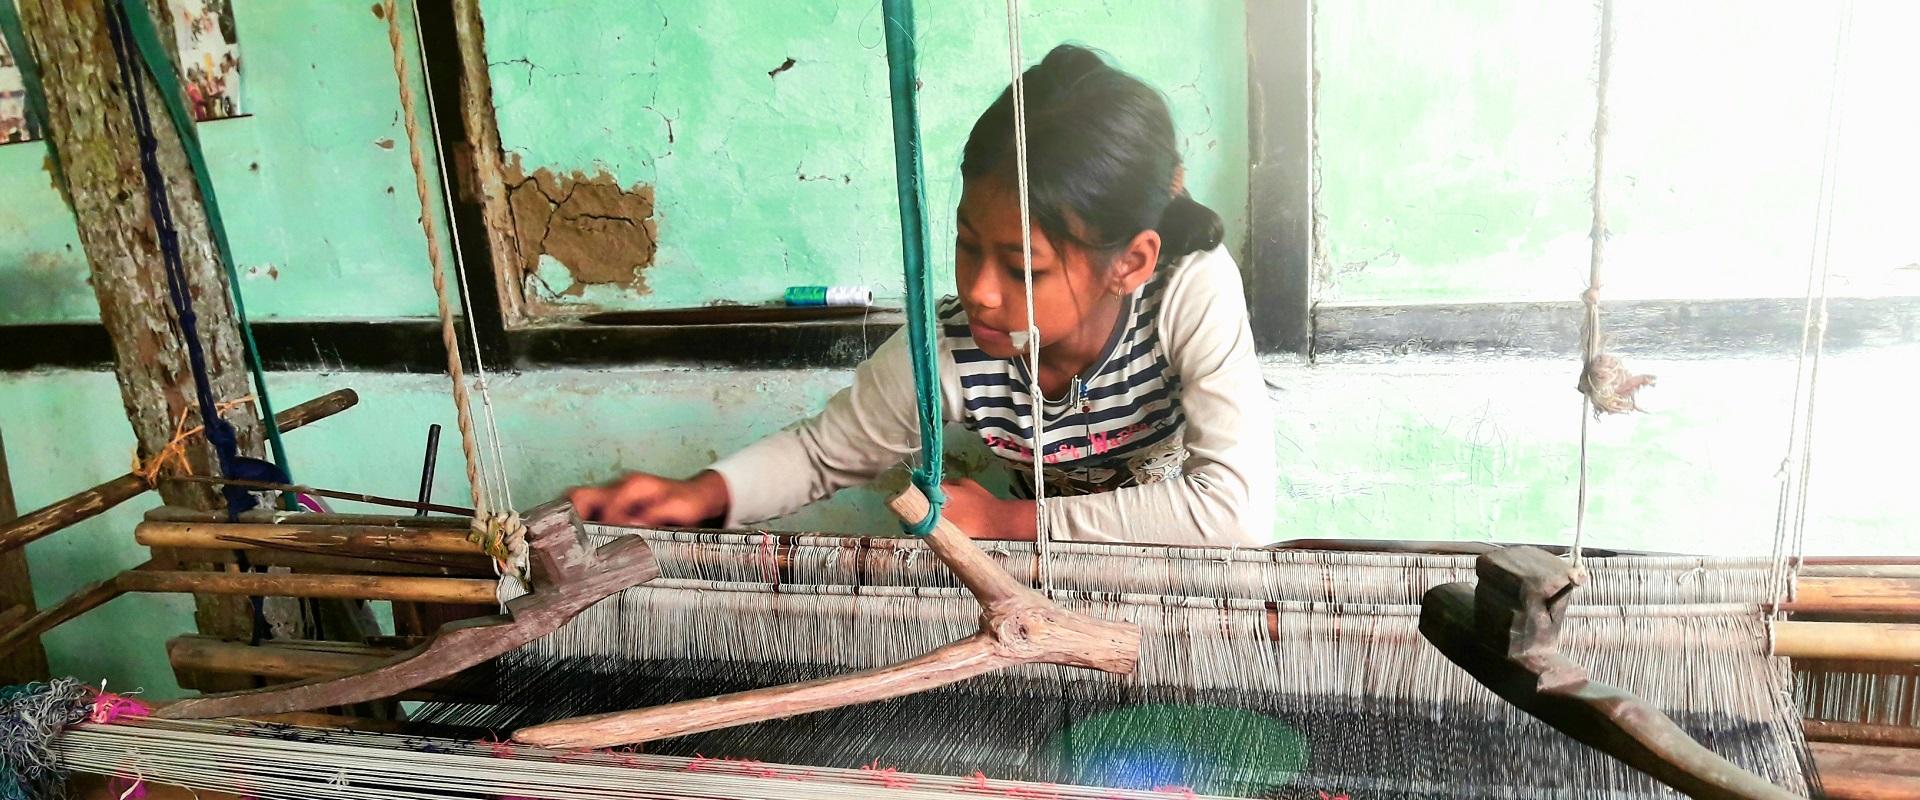 Combattere e prevenire le schiavitù moderne in Tamil Nadu